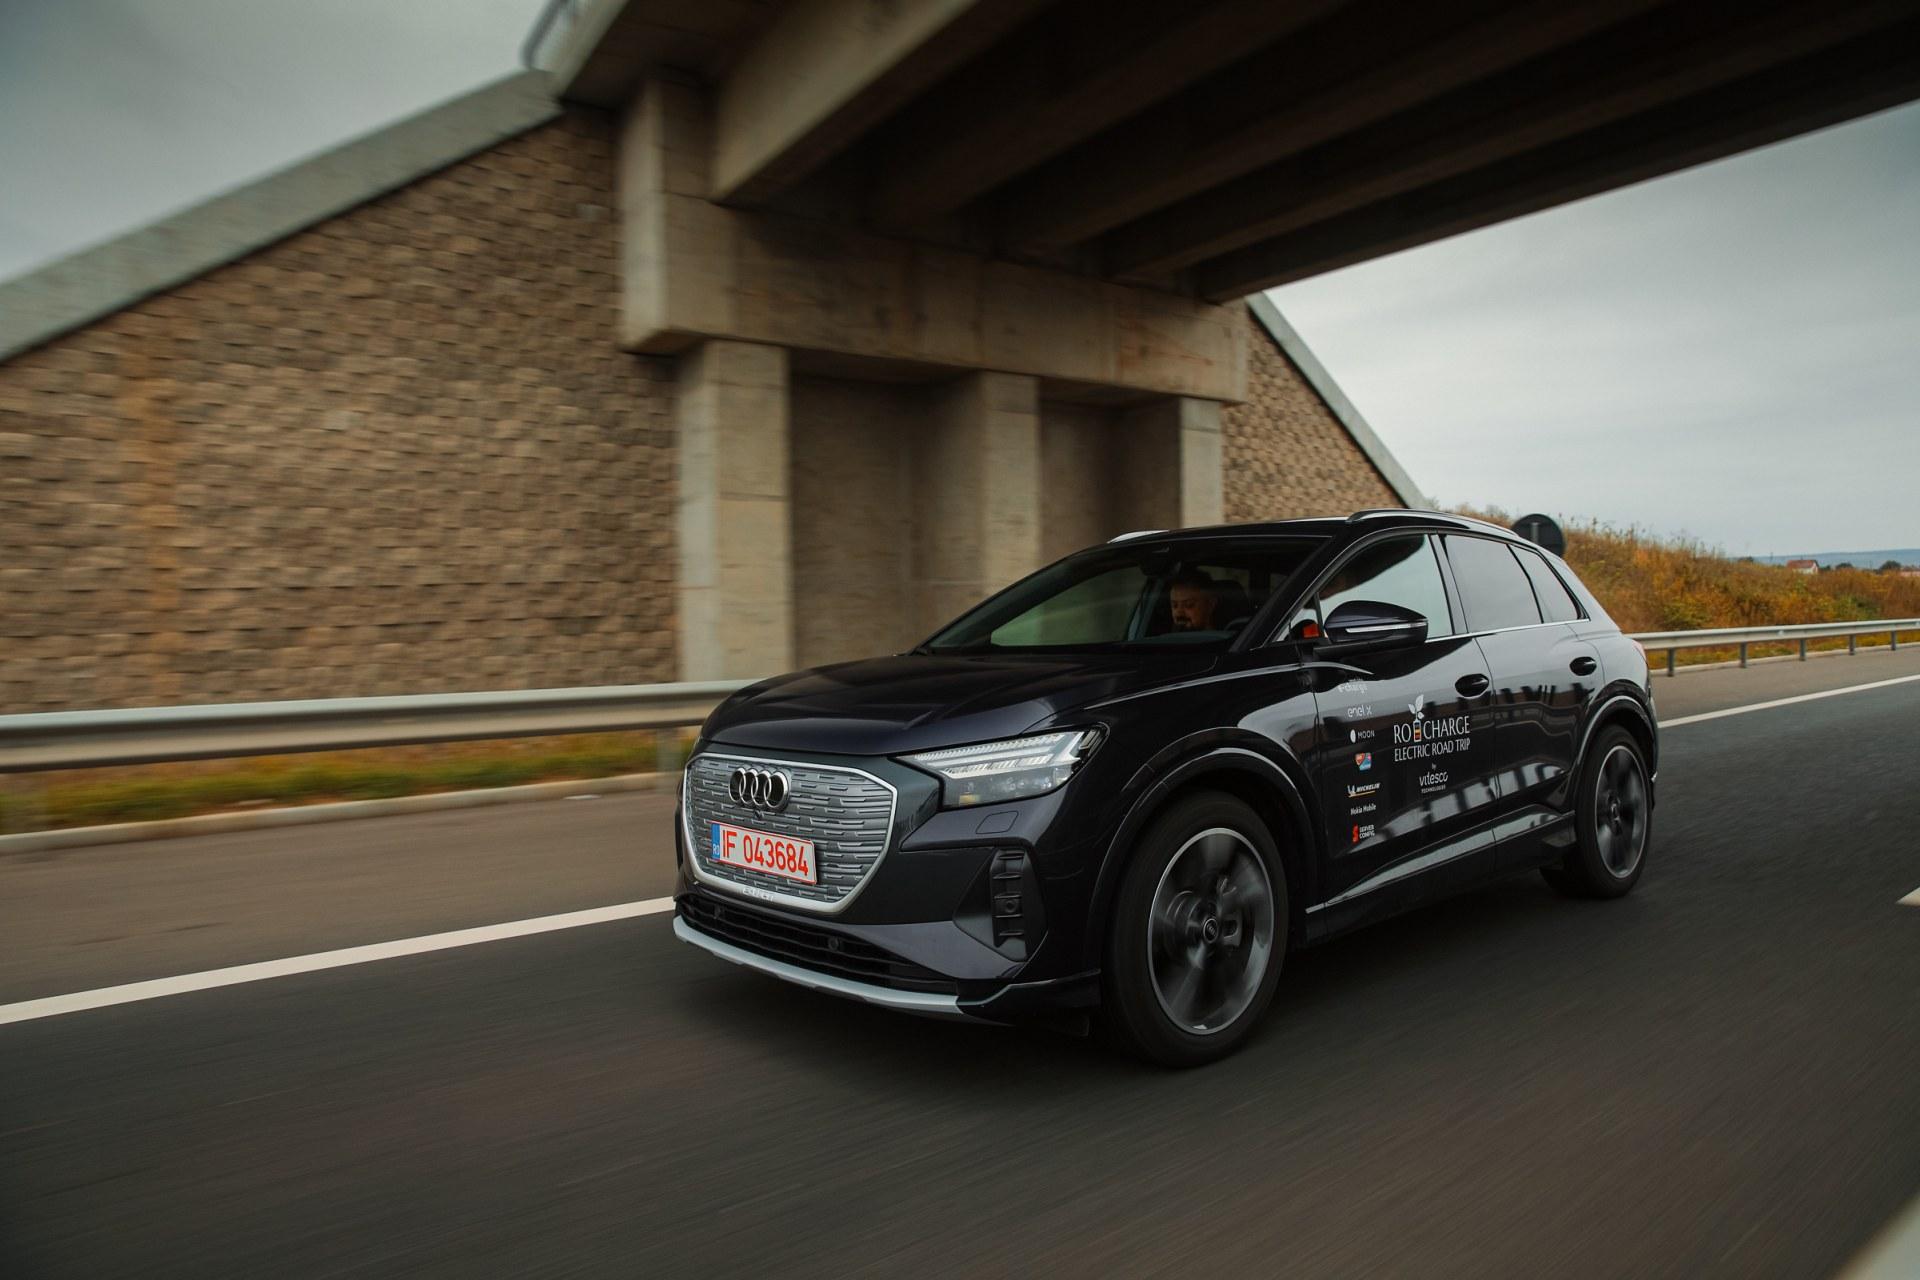 driven-2021-audi-q4-e-tron-50-quattro-audi-s-version-of-the-id4_33.jpg